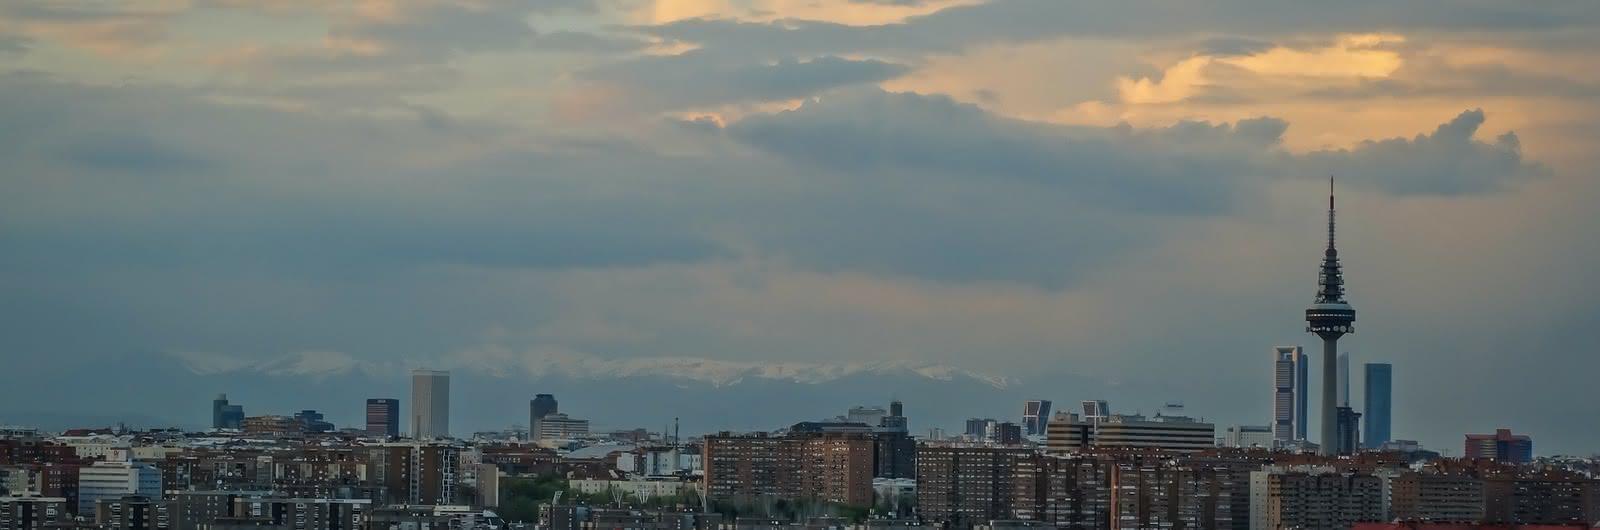 madrid city header